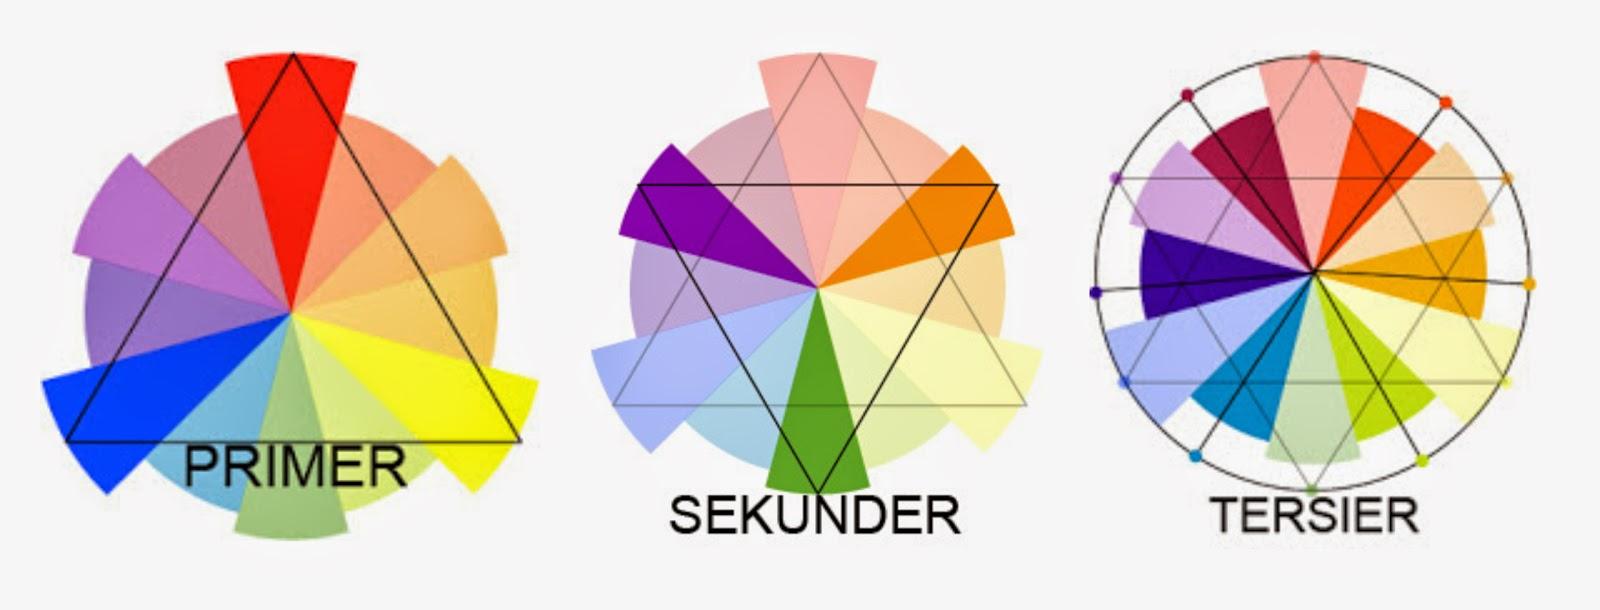 Teori seni lukis gambar 29 a warna primer dan b warna skunder c warna tersier ccuart Gallery